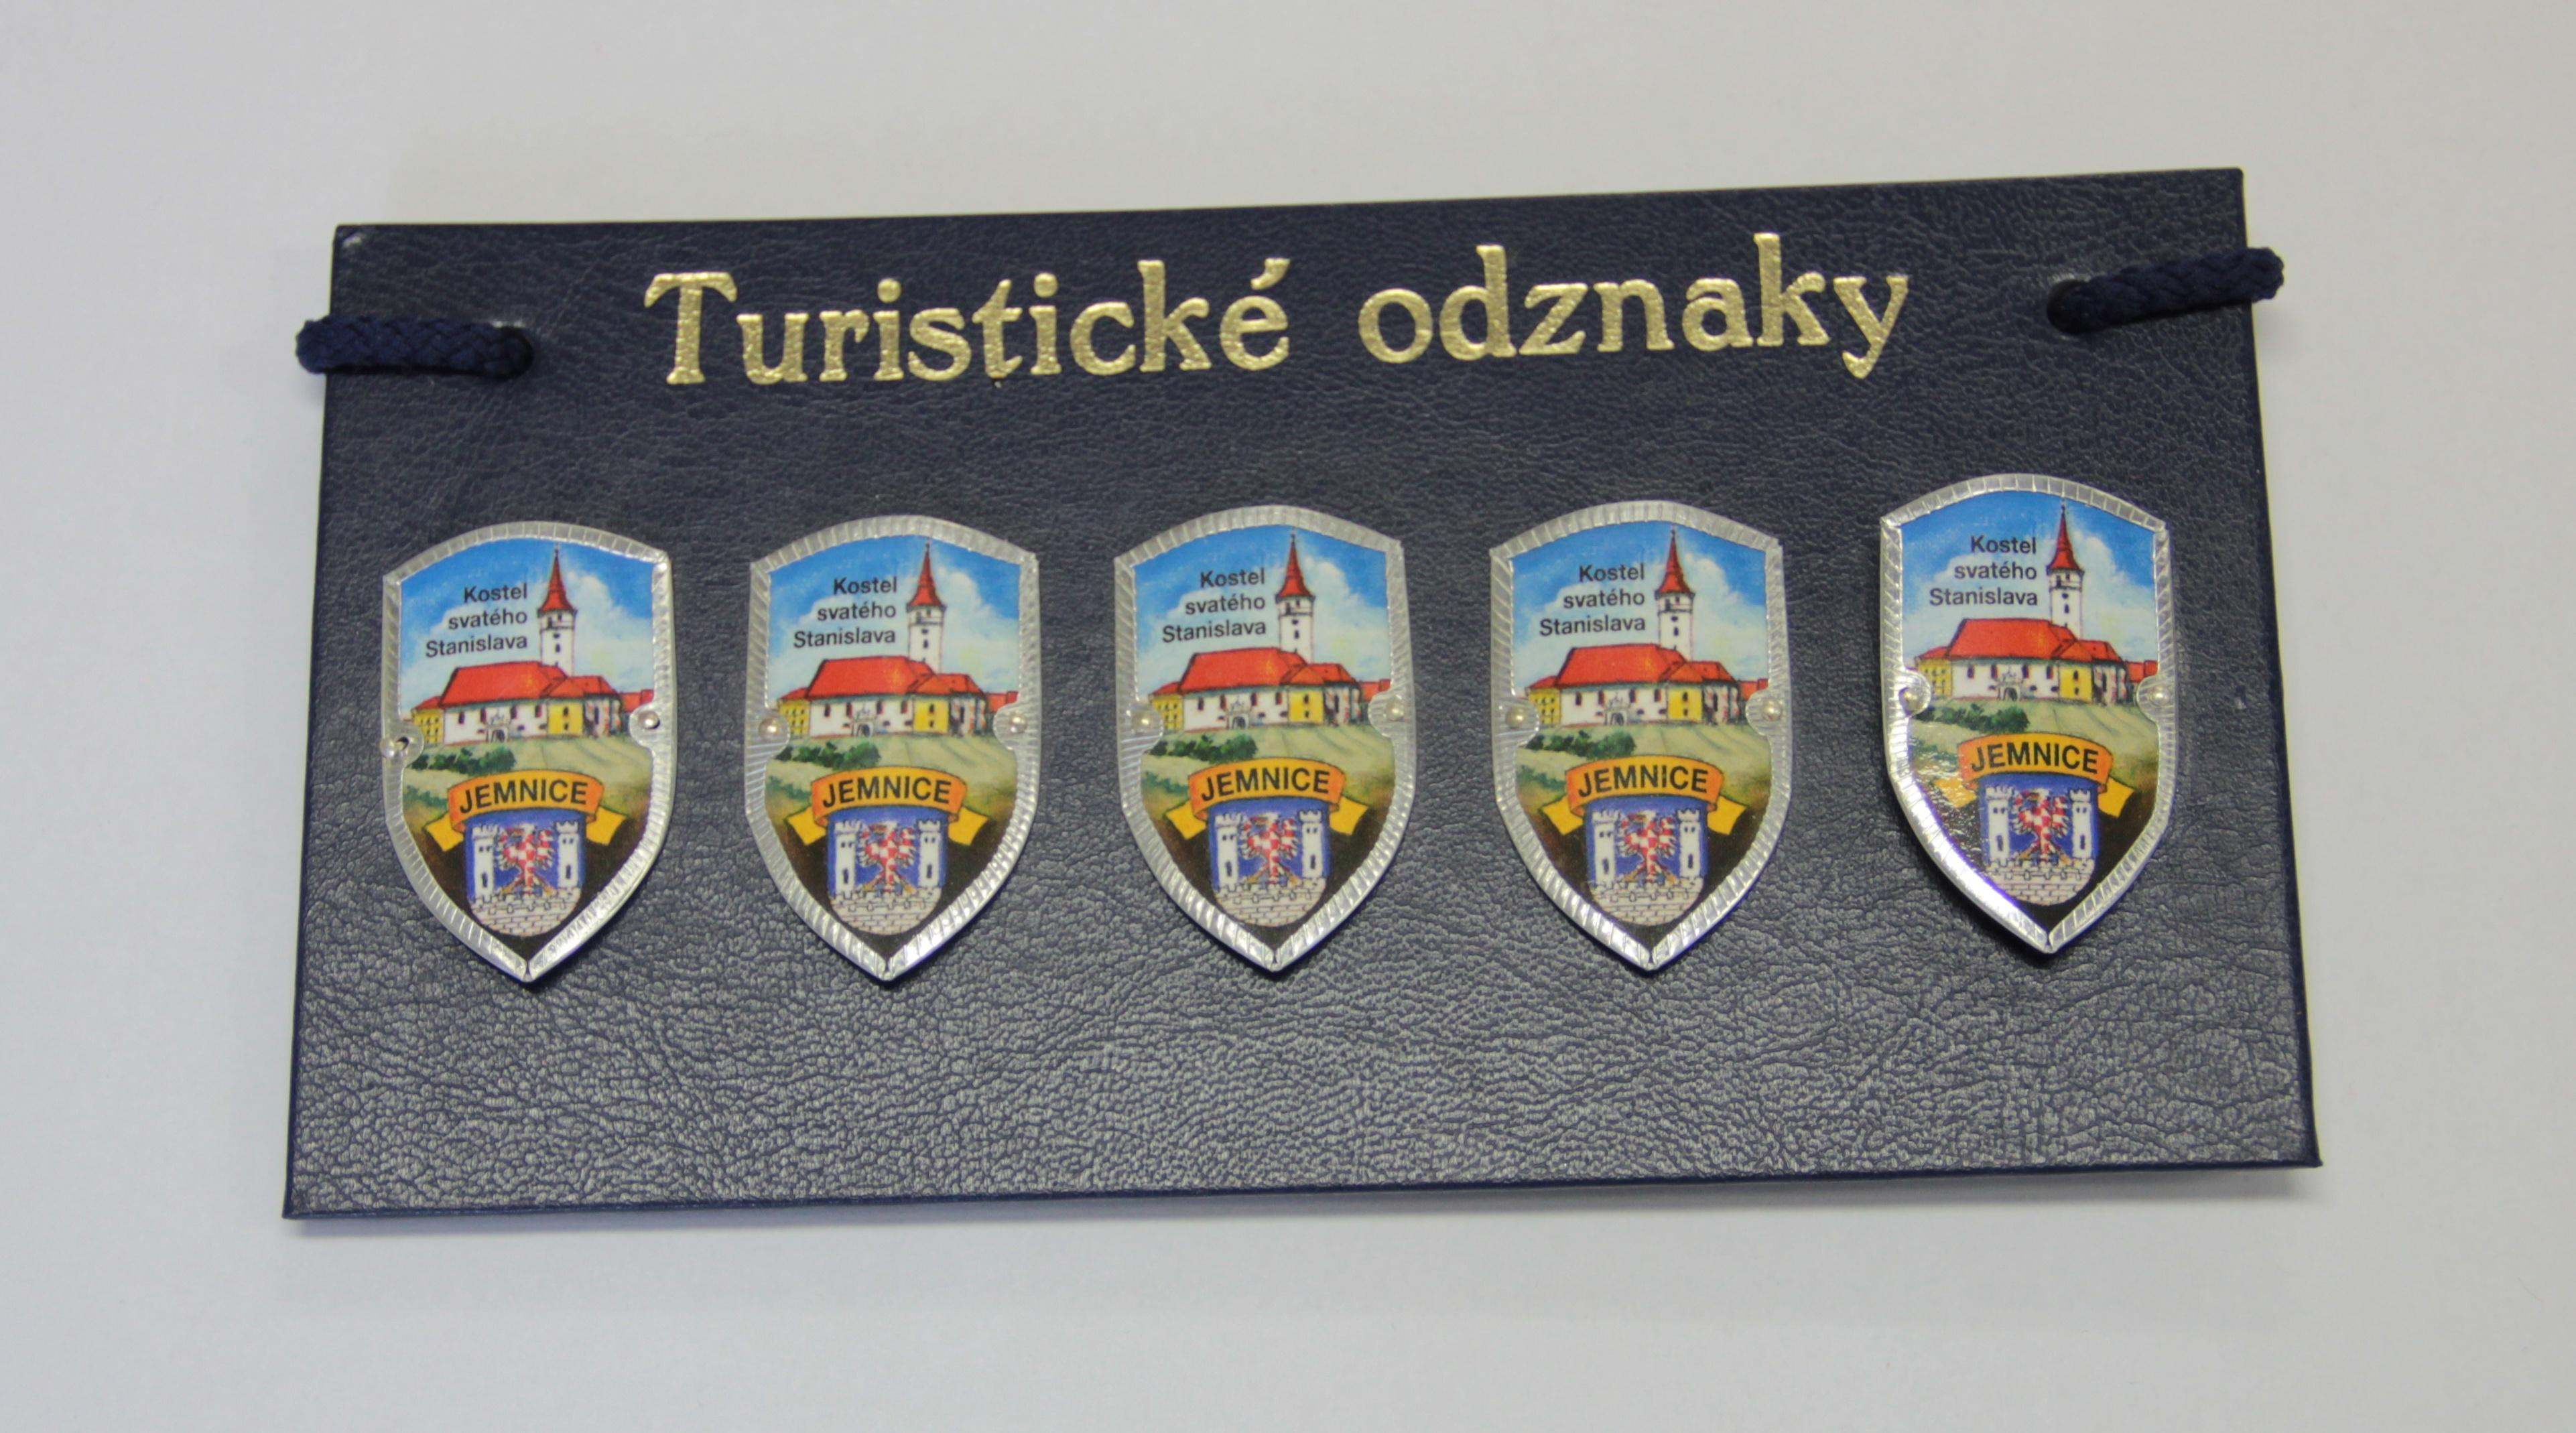 3c62136e1 Suvenýry : Turistické odznaky